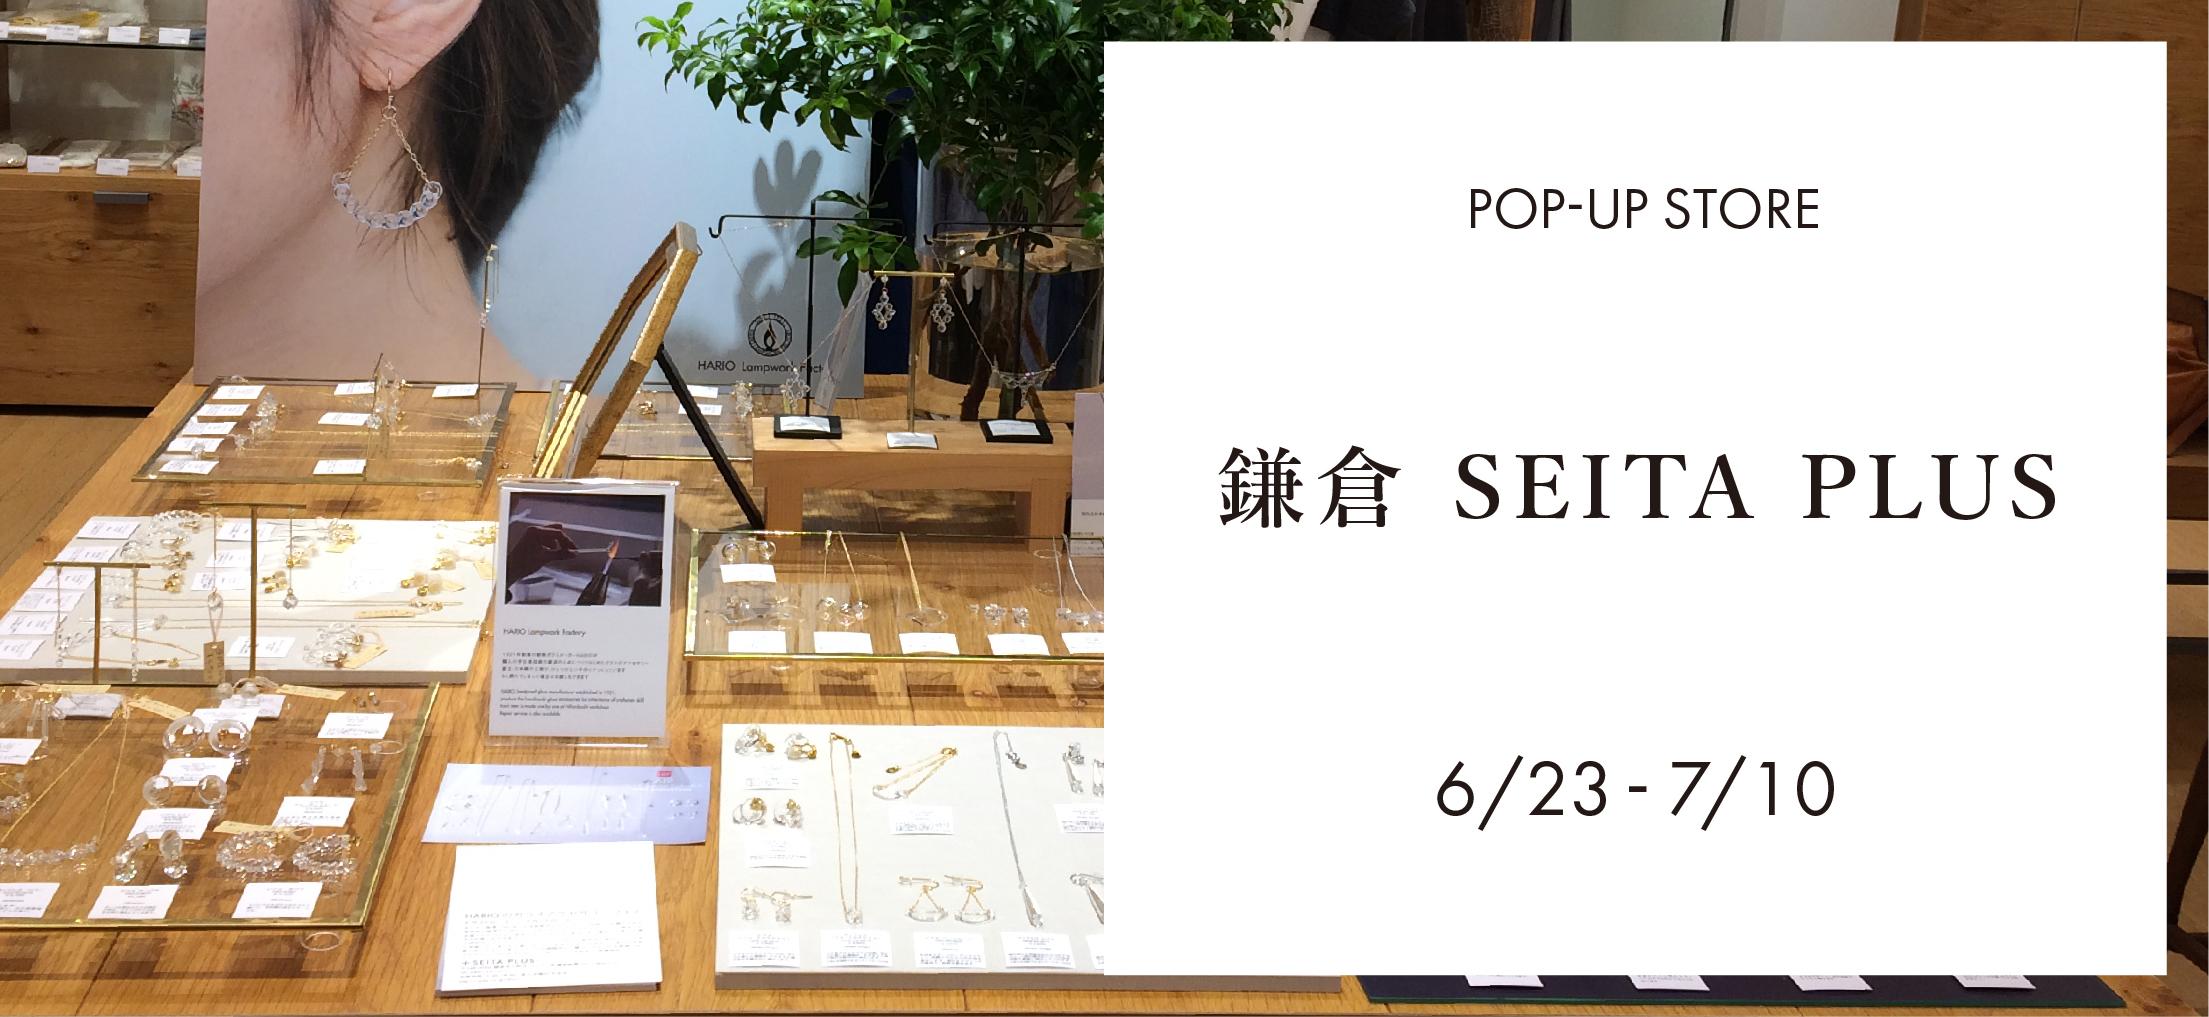 鎌倉 SEITA PLUS にてHARIOのガラスアクセサリーフェア